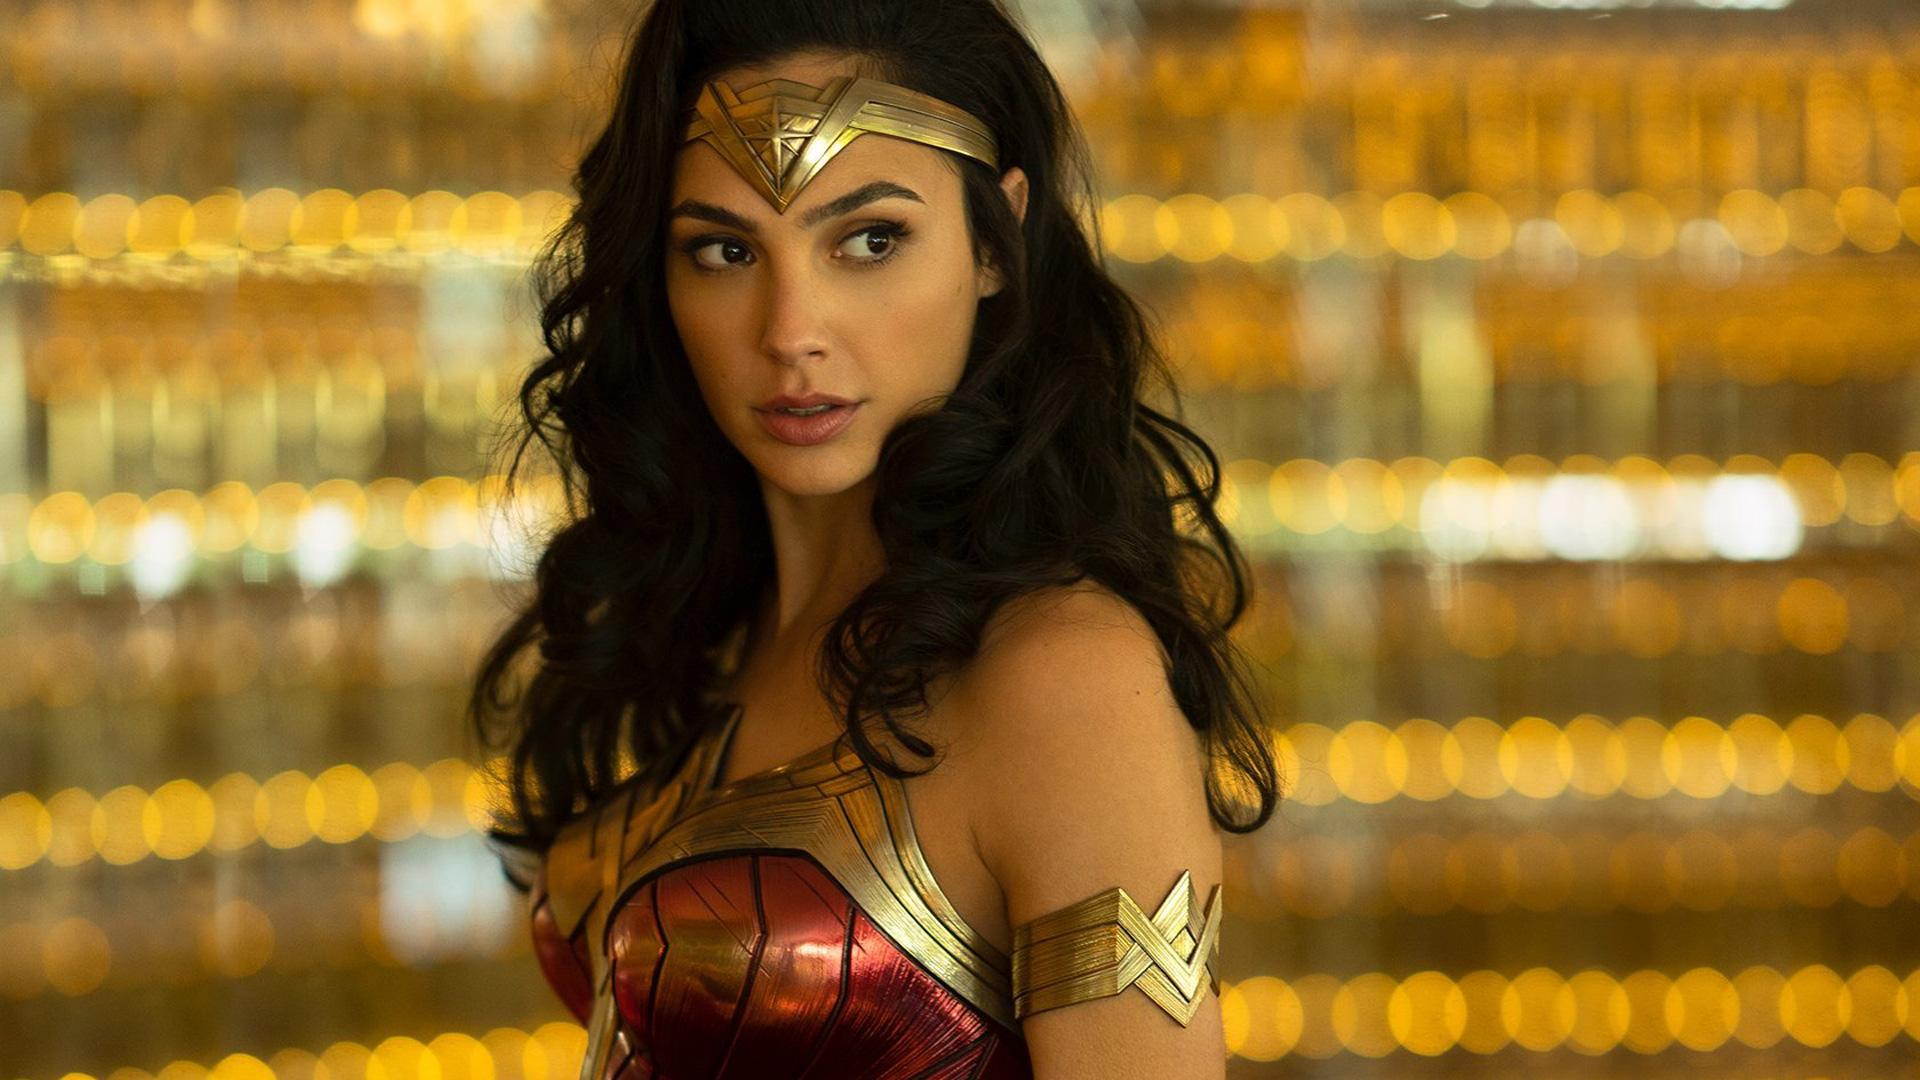 Gal Gadot Wonder Woman Wallpaper: 1680x1050 Gal Gadot Wonder Woman 1984 Movie 1680x1050